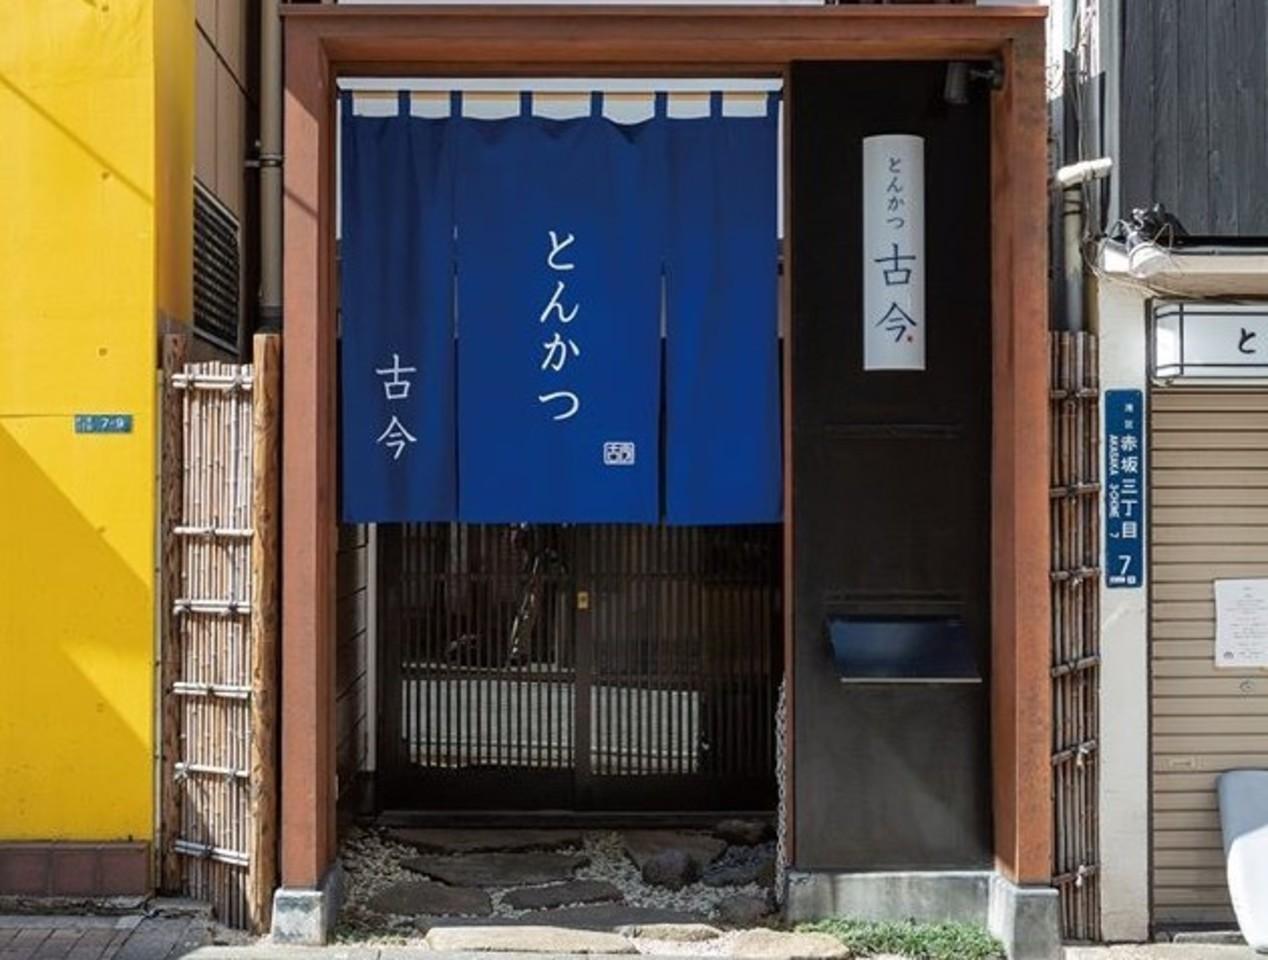 東京都港区赤坂3丁目にとんかつ専門店「古今」4月20日オープン!